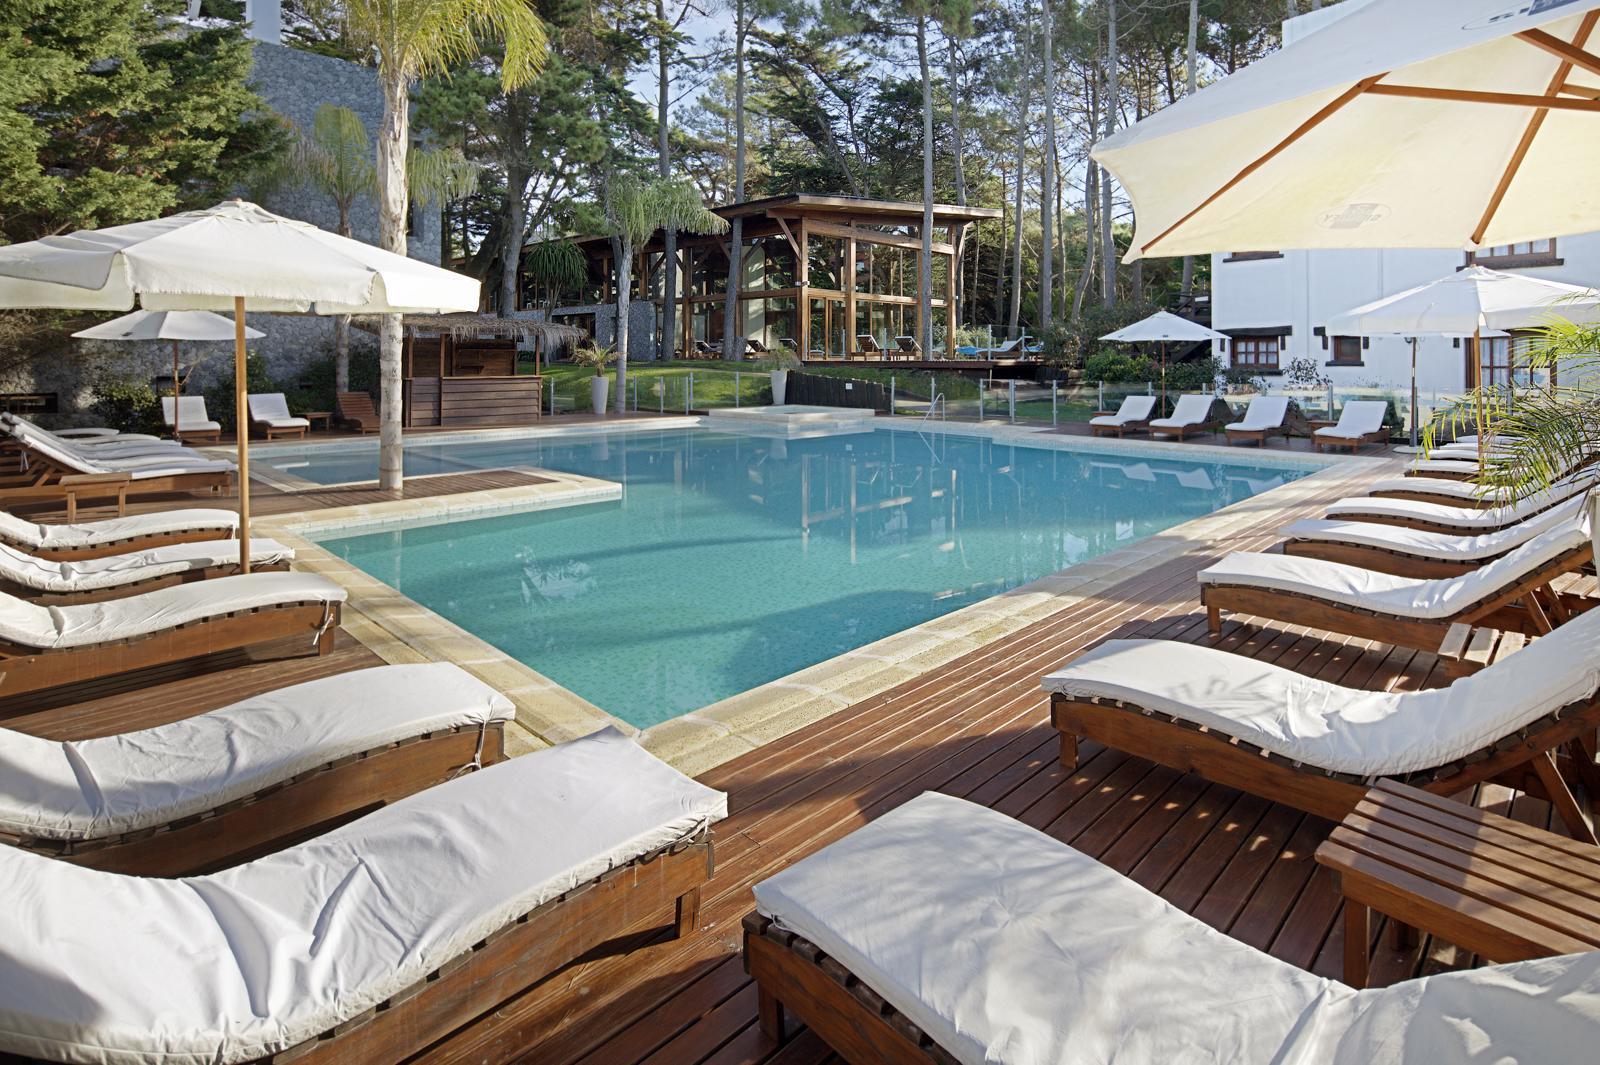 Resort Rincón del Duende - Fotógrafo de arquitectura Andreas Grunau